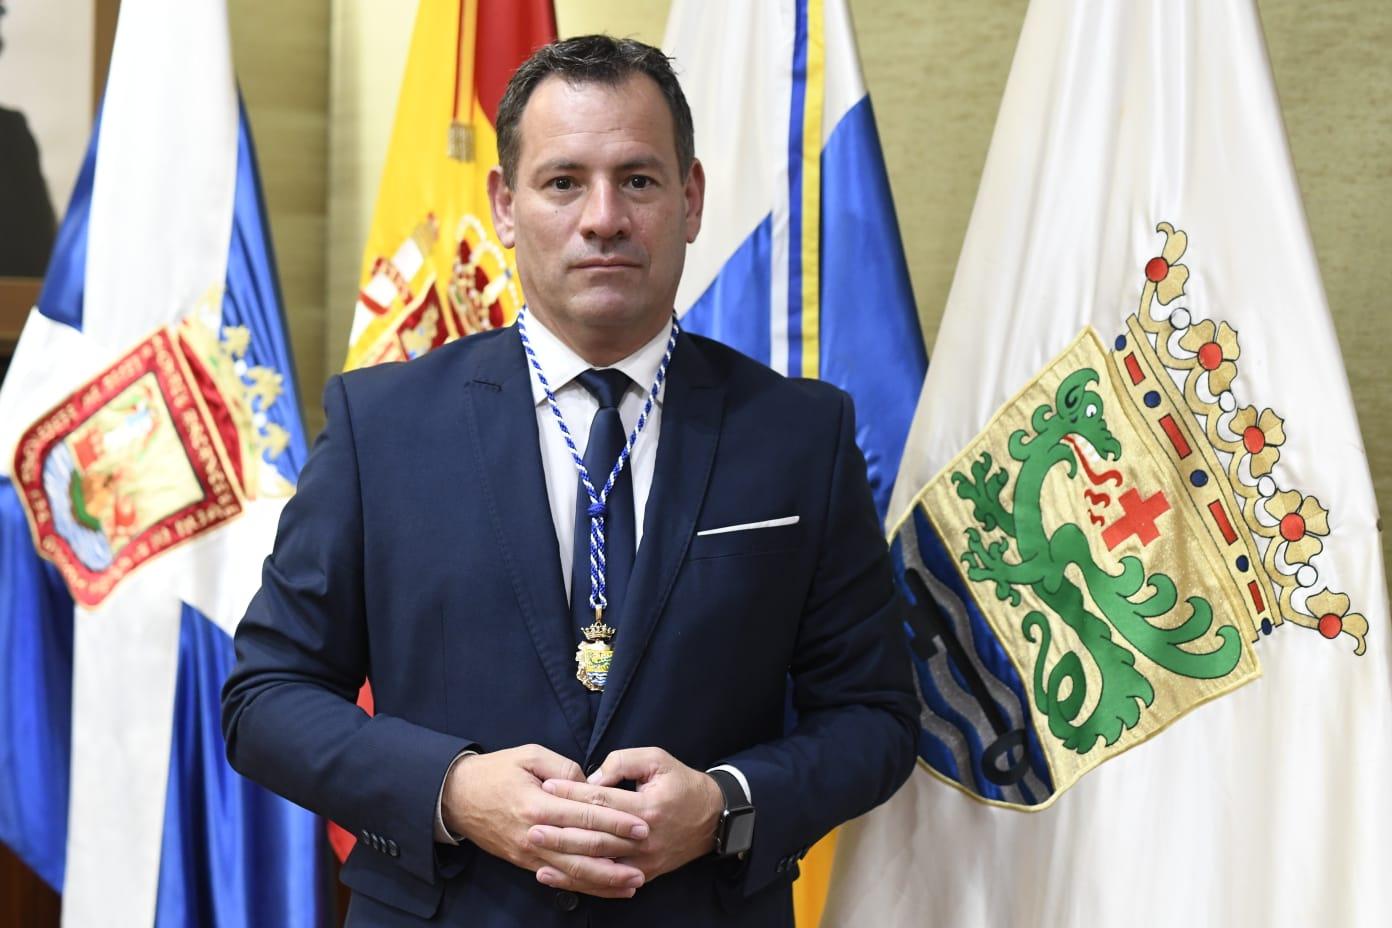 D. PEDRO ÁNGEL GONZÁLEZ DELGADO